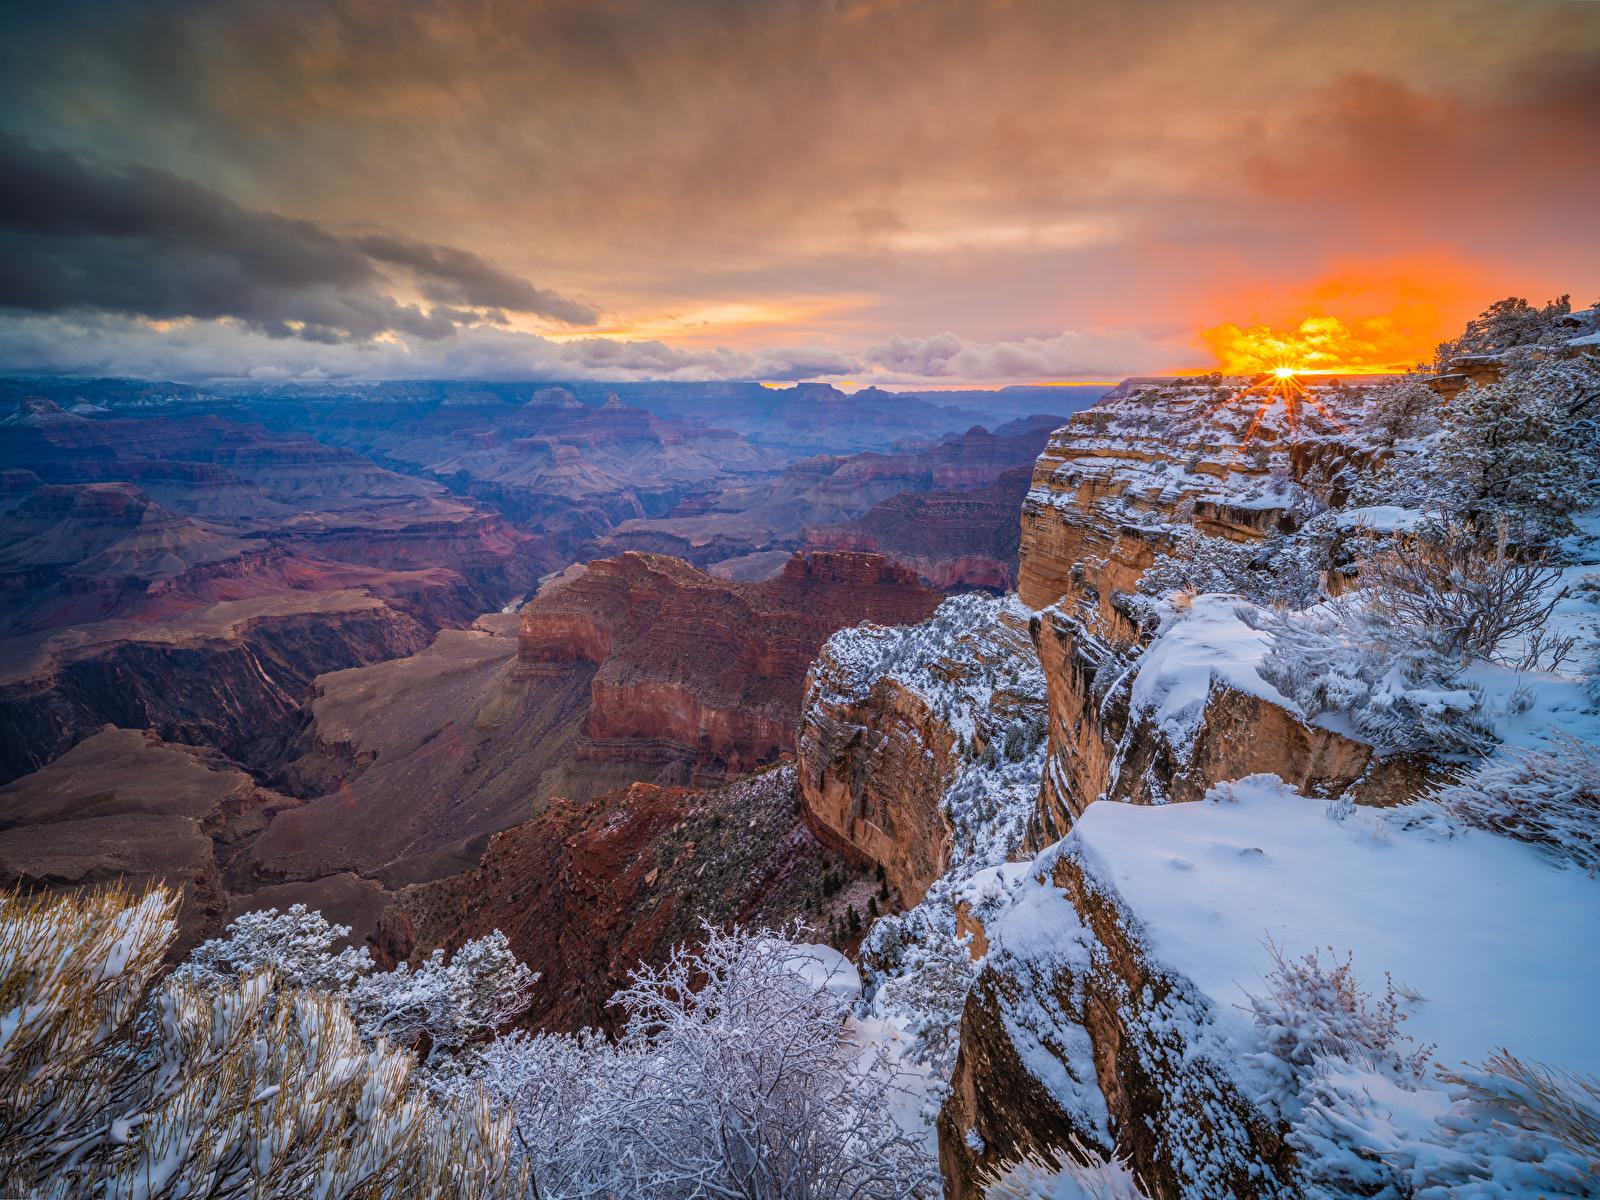 Обои для рабочего стола Гранд-Каньон парк штаты Arizona Утес каньона Природа Парки Рассветы и закаты 1600x1200 США америка Скала скале скалы Каньон каньоны парк рассвет и закат